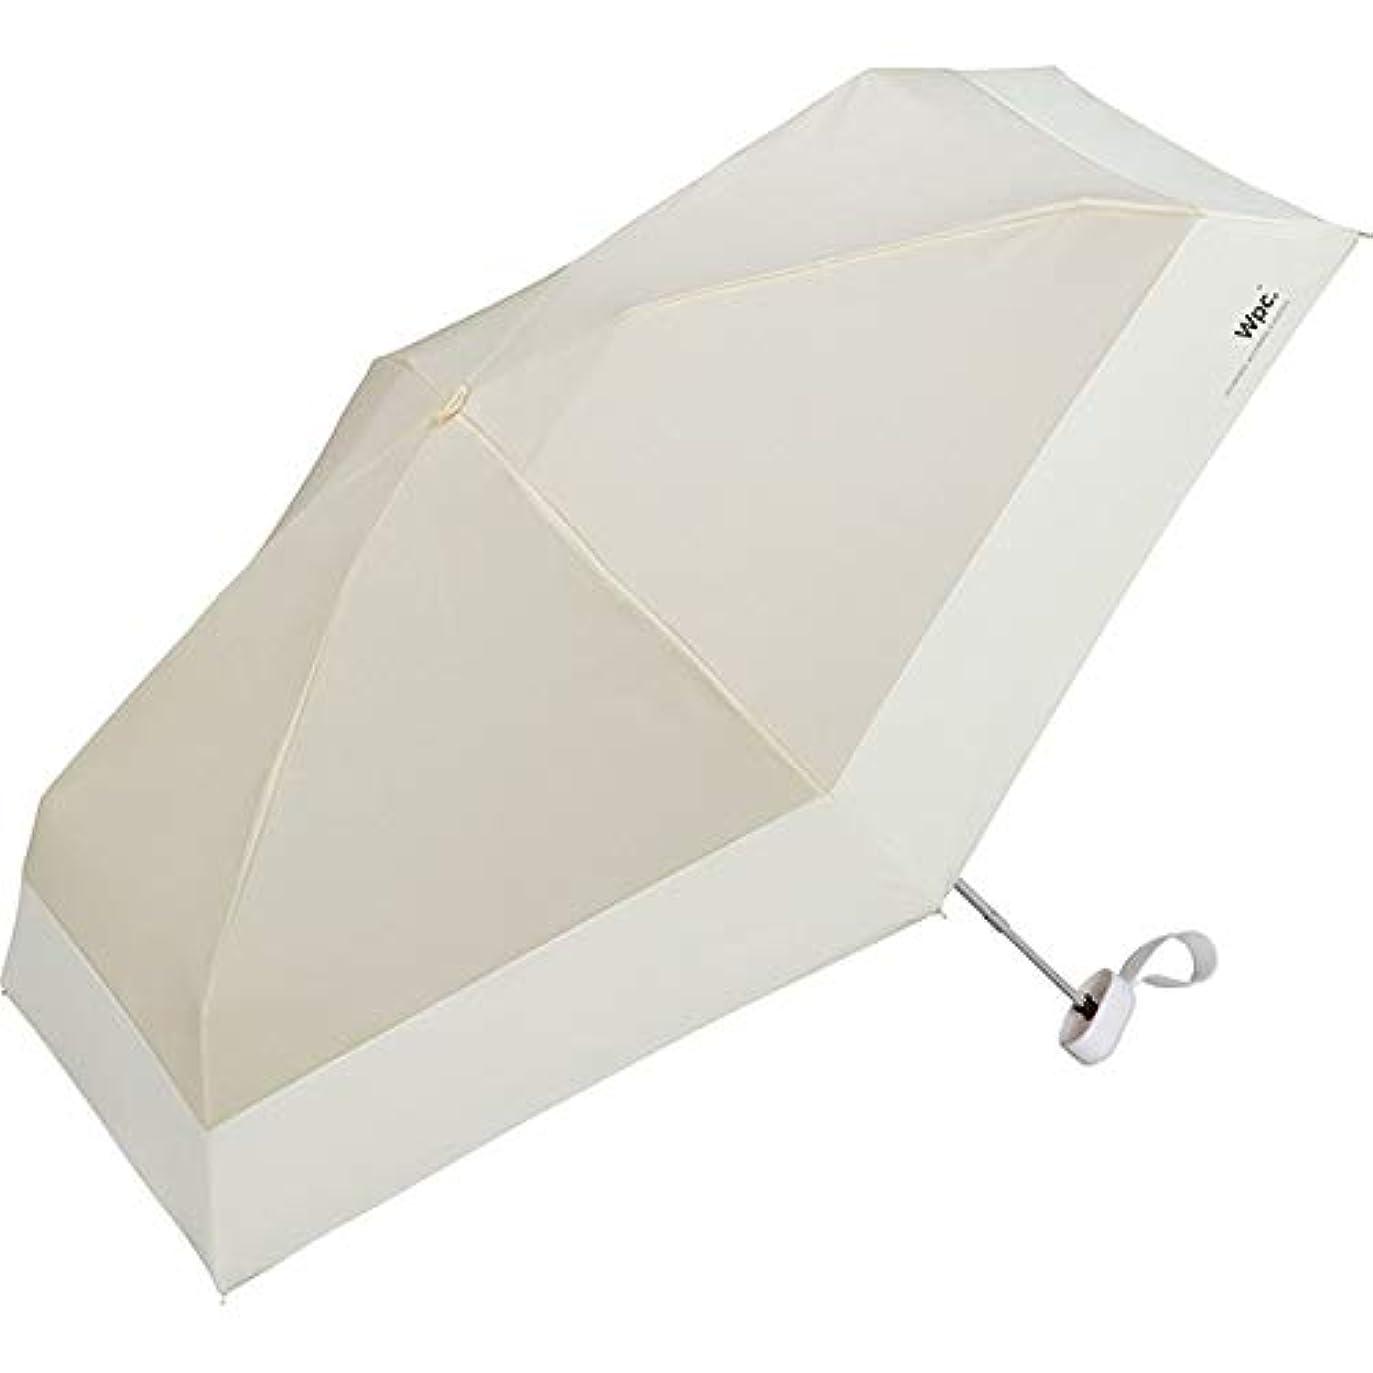 三航海の遠洋のワールドパーティー(Wpc.) 日傘 折りたたみ傘 ベージュ 47cm レディース 傘袋付き 遮光切り継ぎタイニー 801-6423 BE